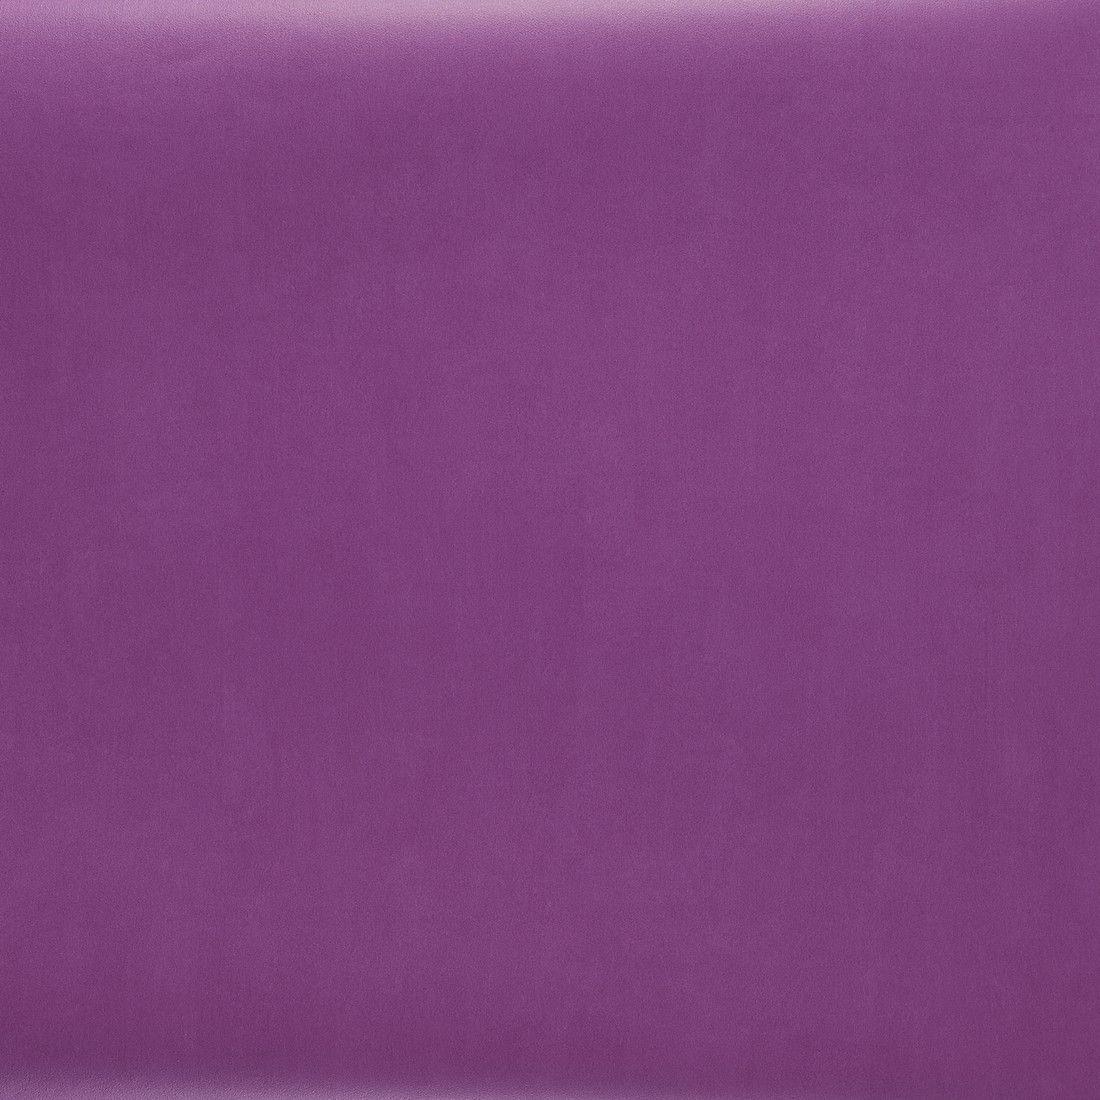 Papel pintado liso violeta del catálogo oh la la ref. 58045074